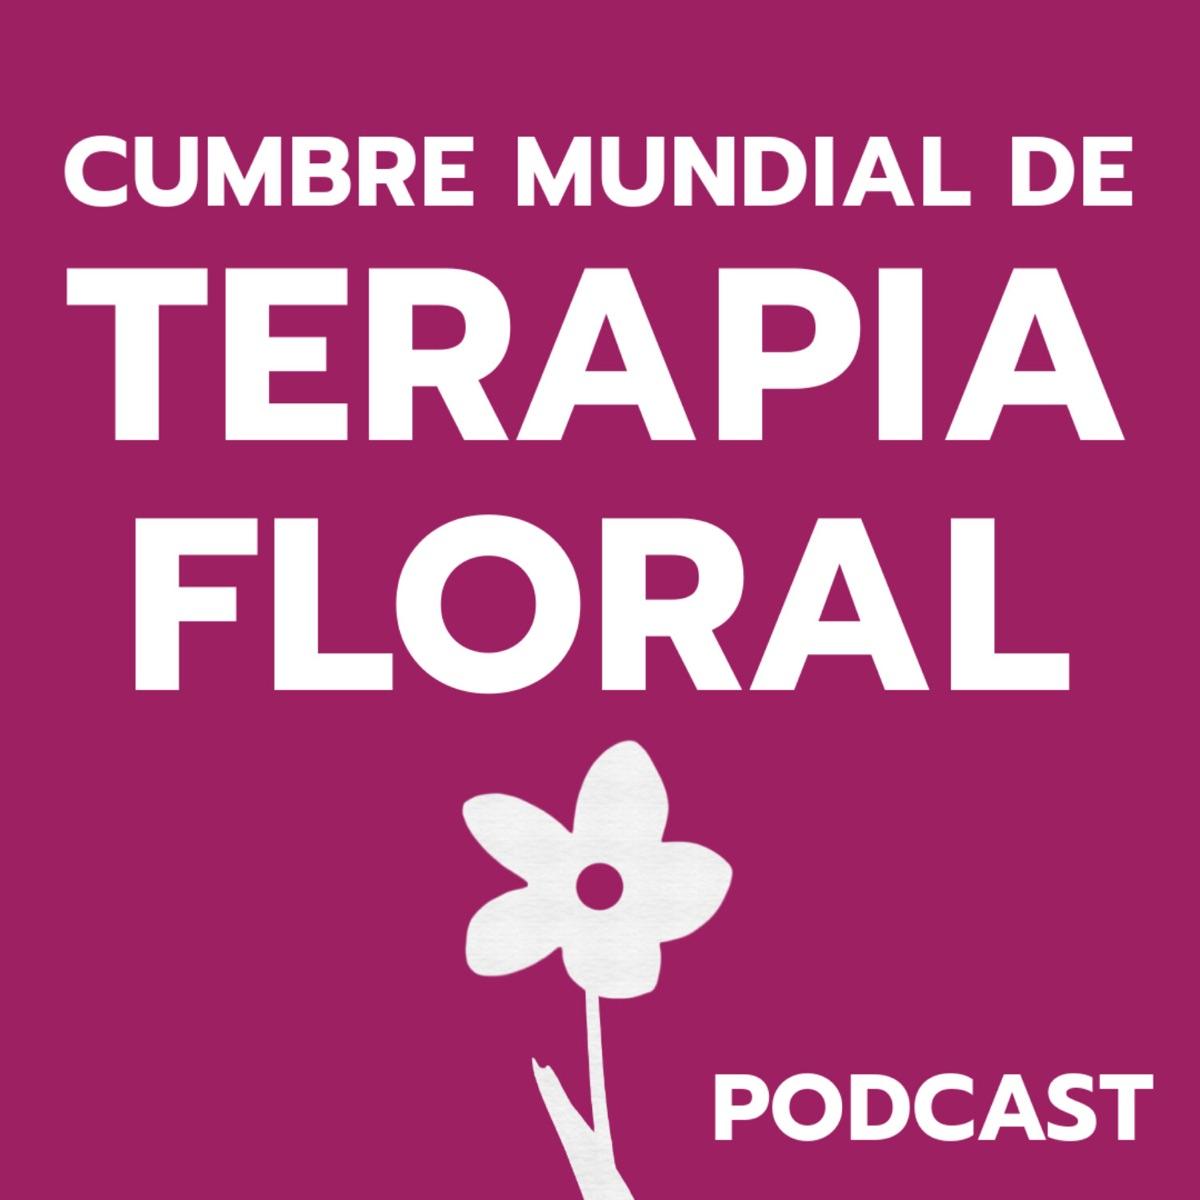 Cumbre Mundial de Terapia Floral